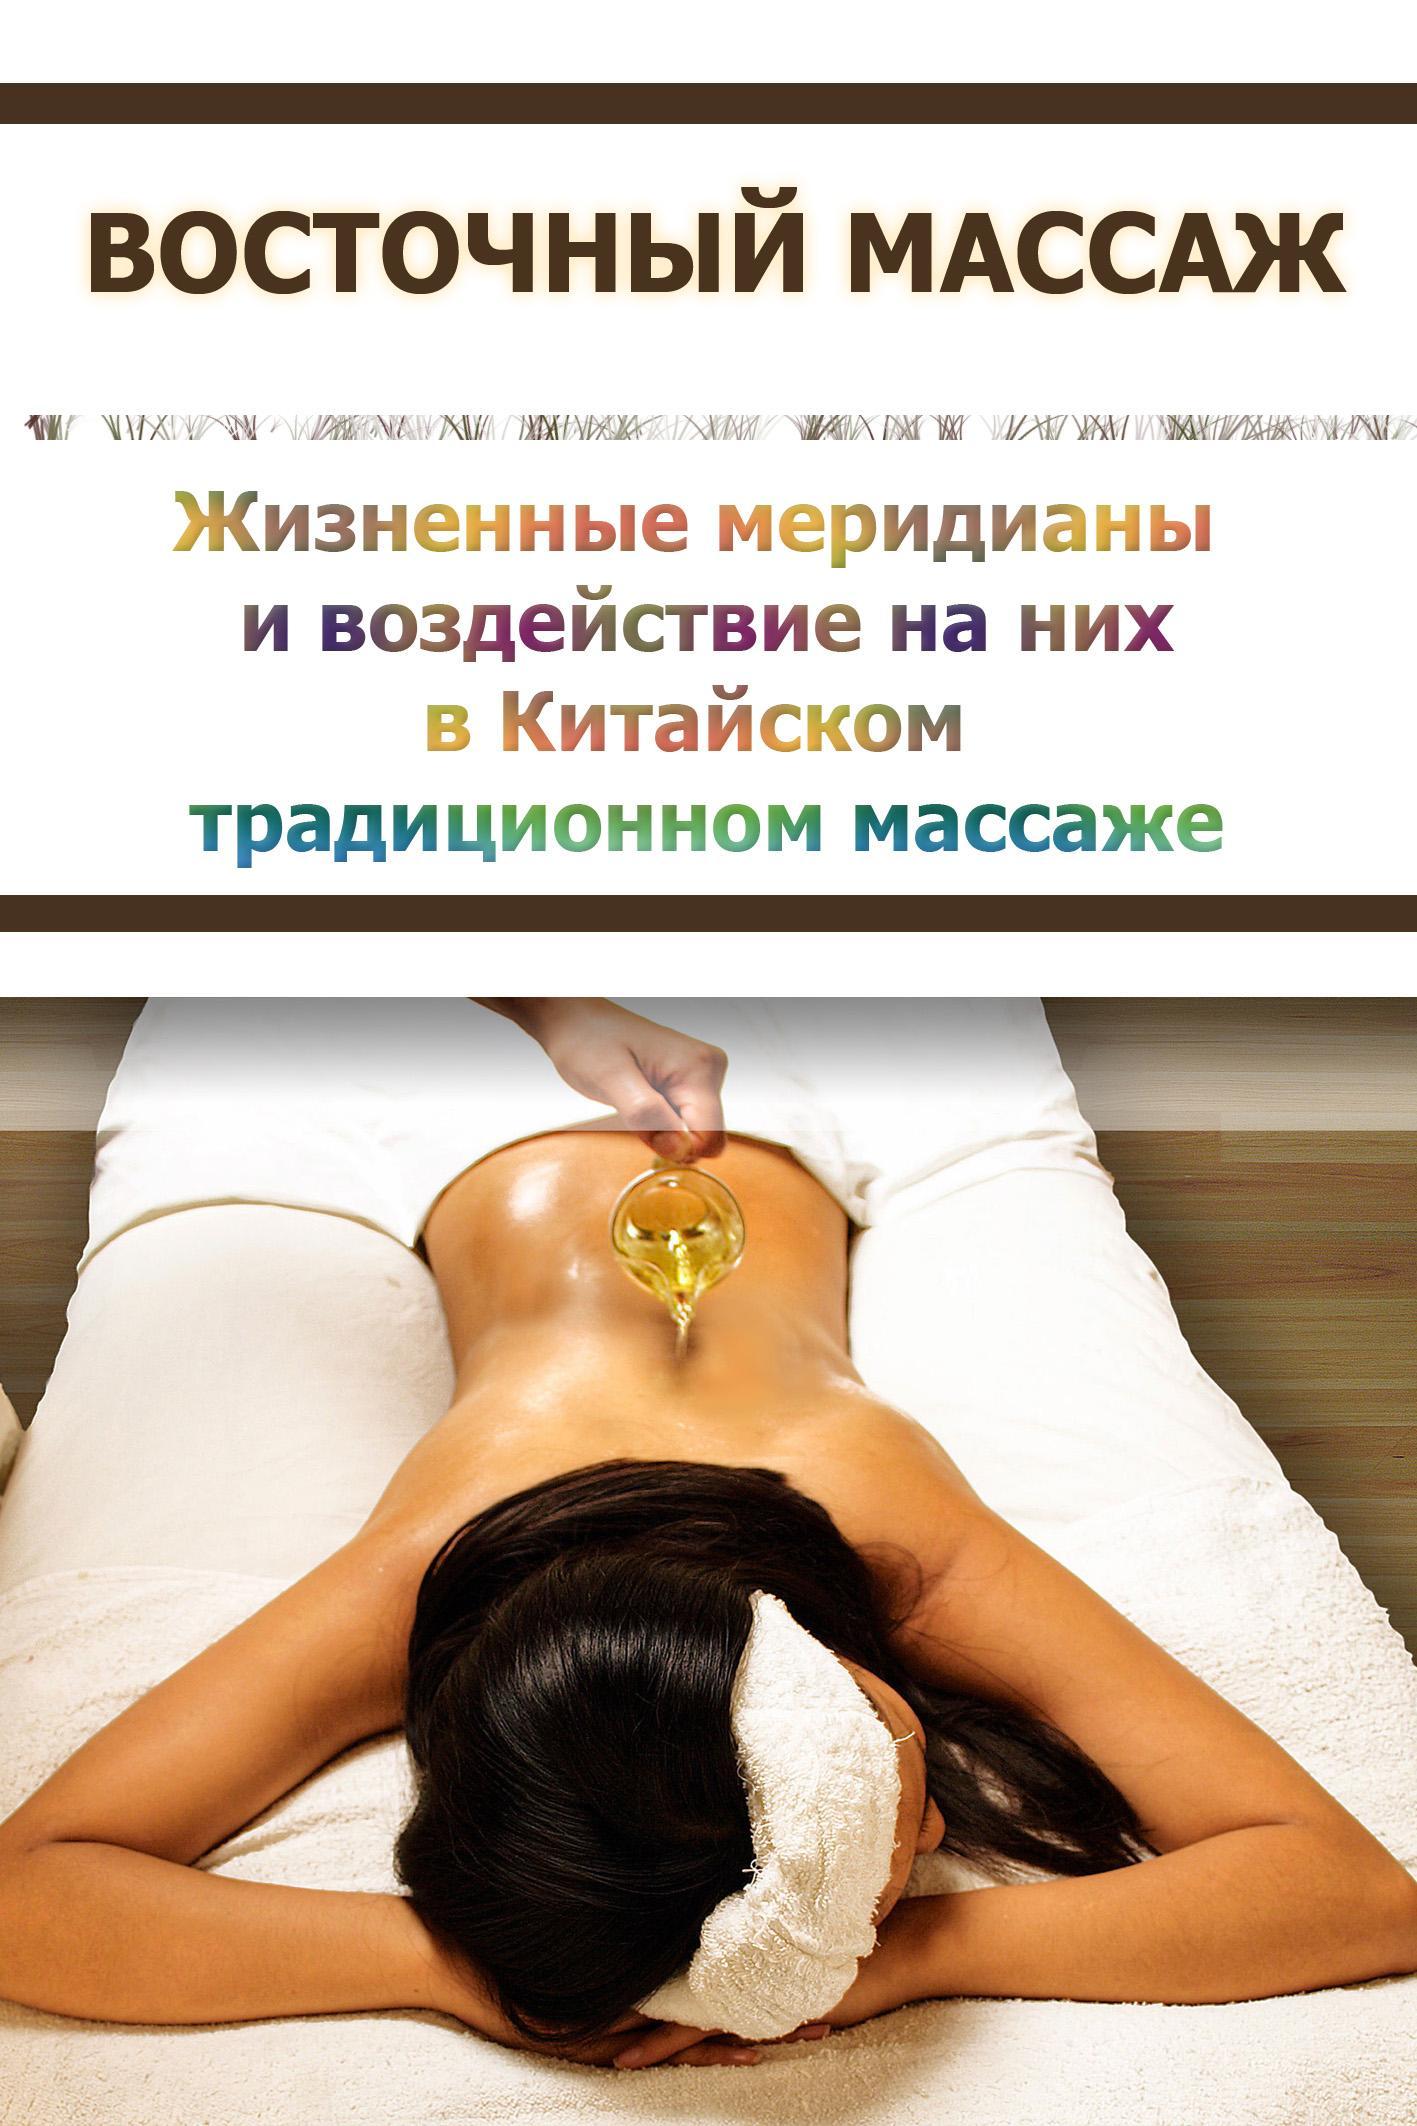 Илья Мельников «Китайский массаж. Традиционные методы воздействия на отдельные участки тела»